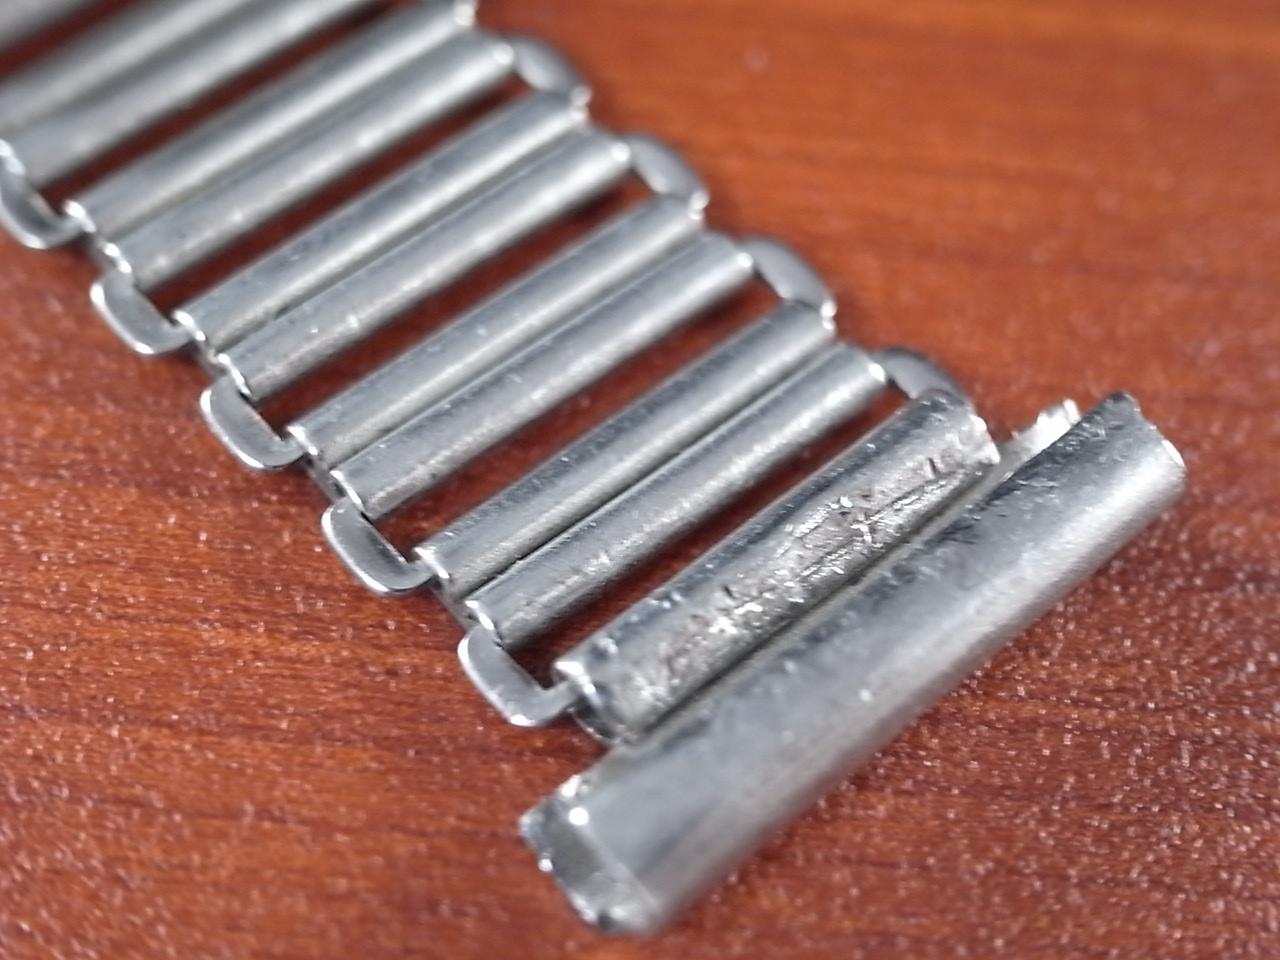 ボンクリップ バンブーブレス SS ブロック体ロゴ 13mmタイプ 16mm BONKLIPの写真6枚目